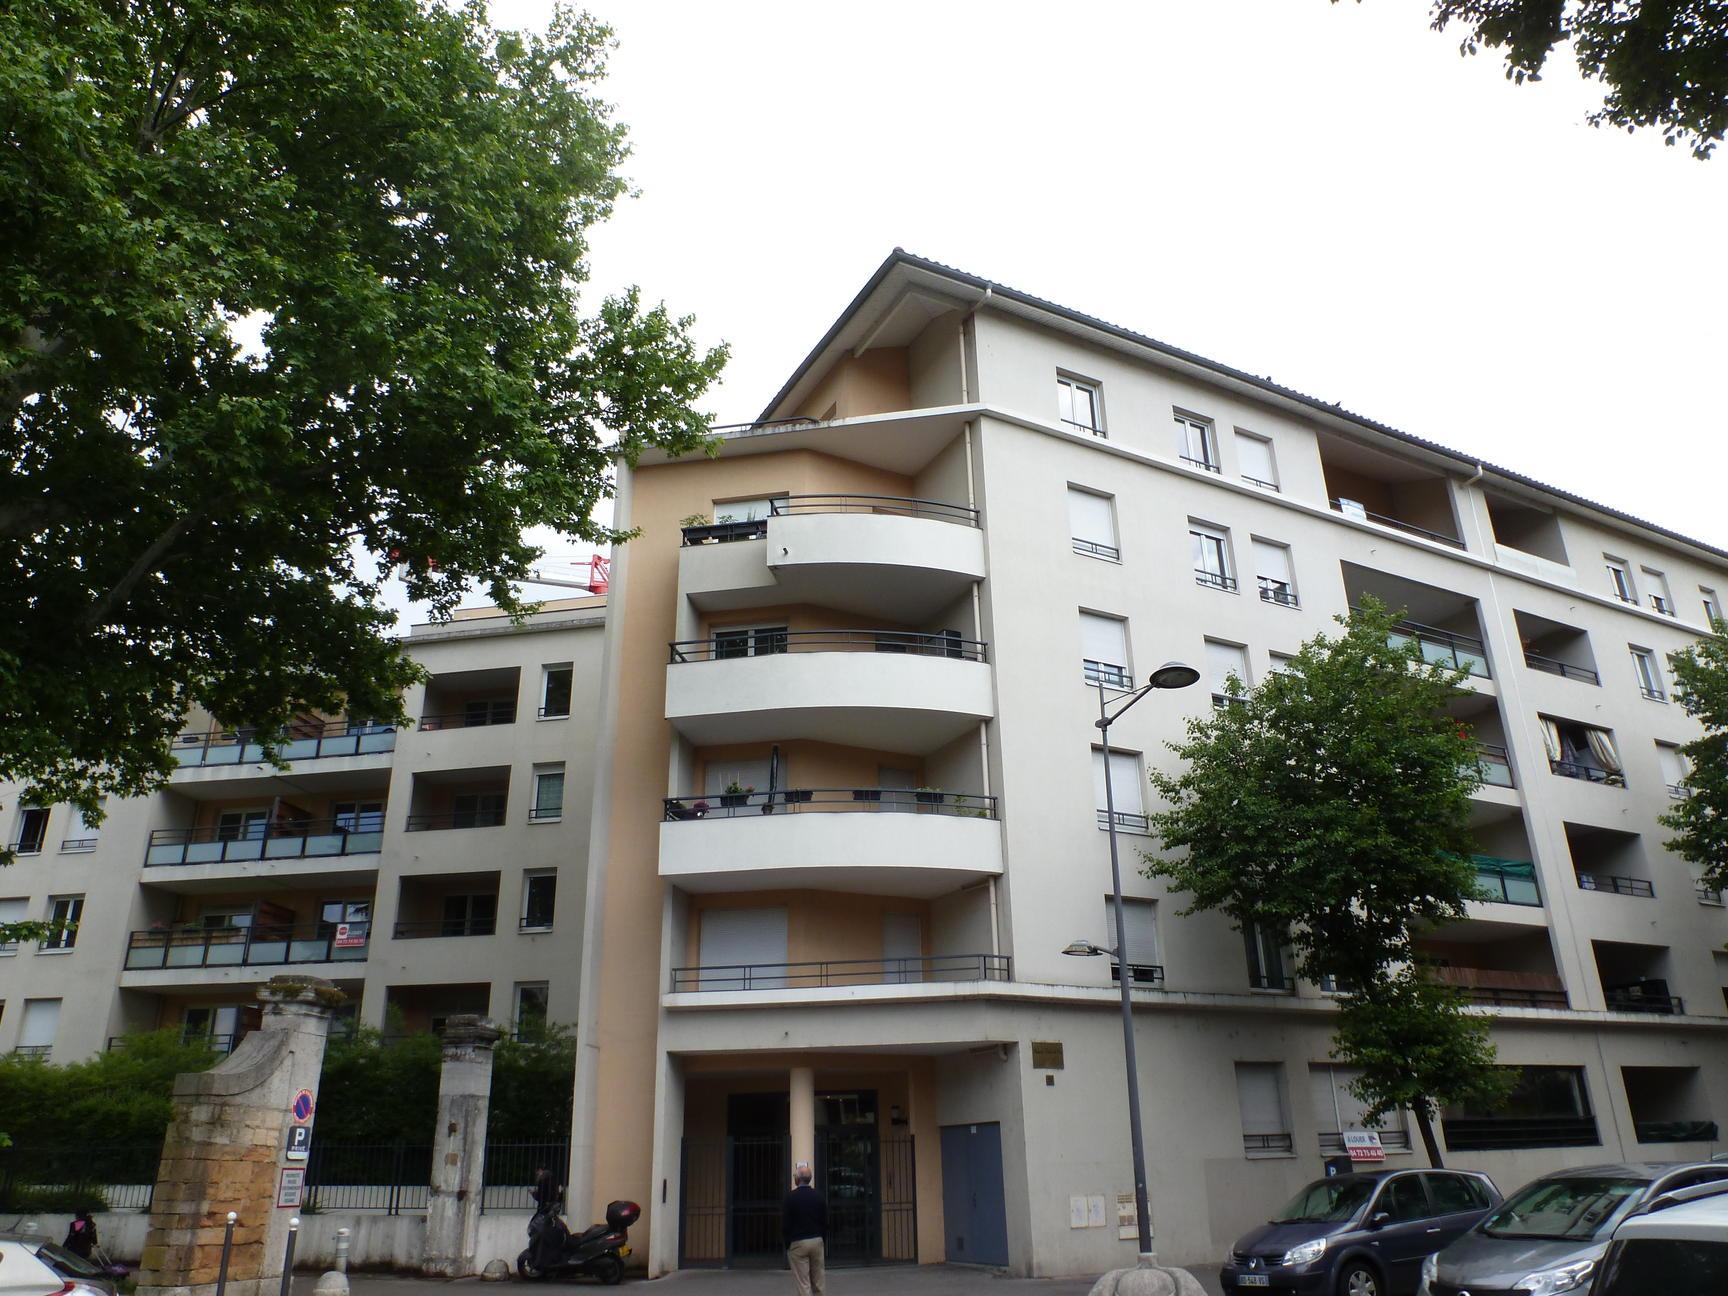 Appartement 64 m2 dernier etage avec terrasse et g